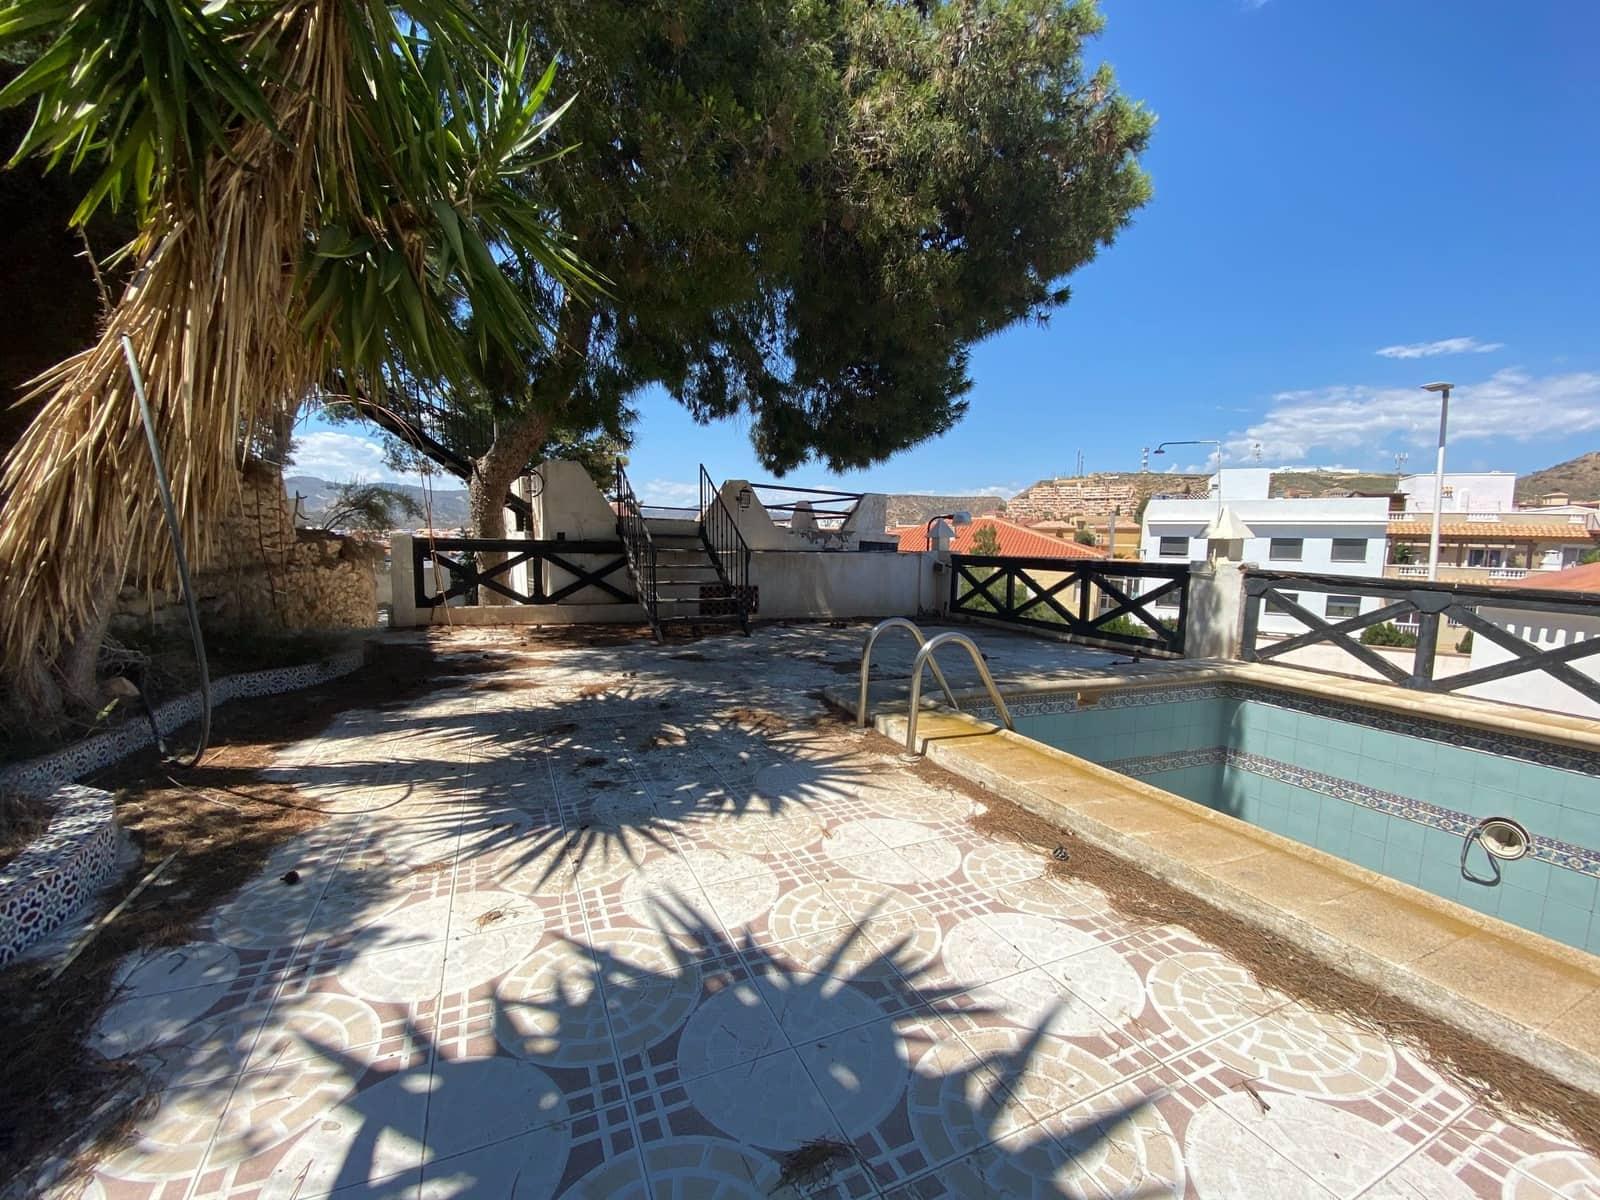 6 makuuhuone Huvila myytävänä paikassa San Juan de los Terreros mukana uima-altaan - 176 000 € (Ref: 5602814)